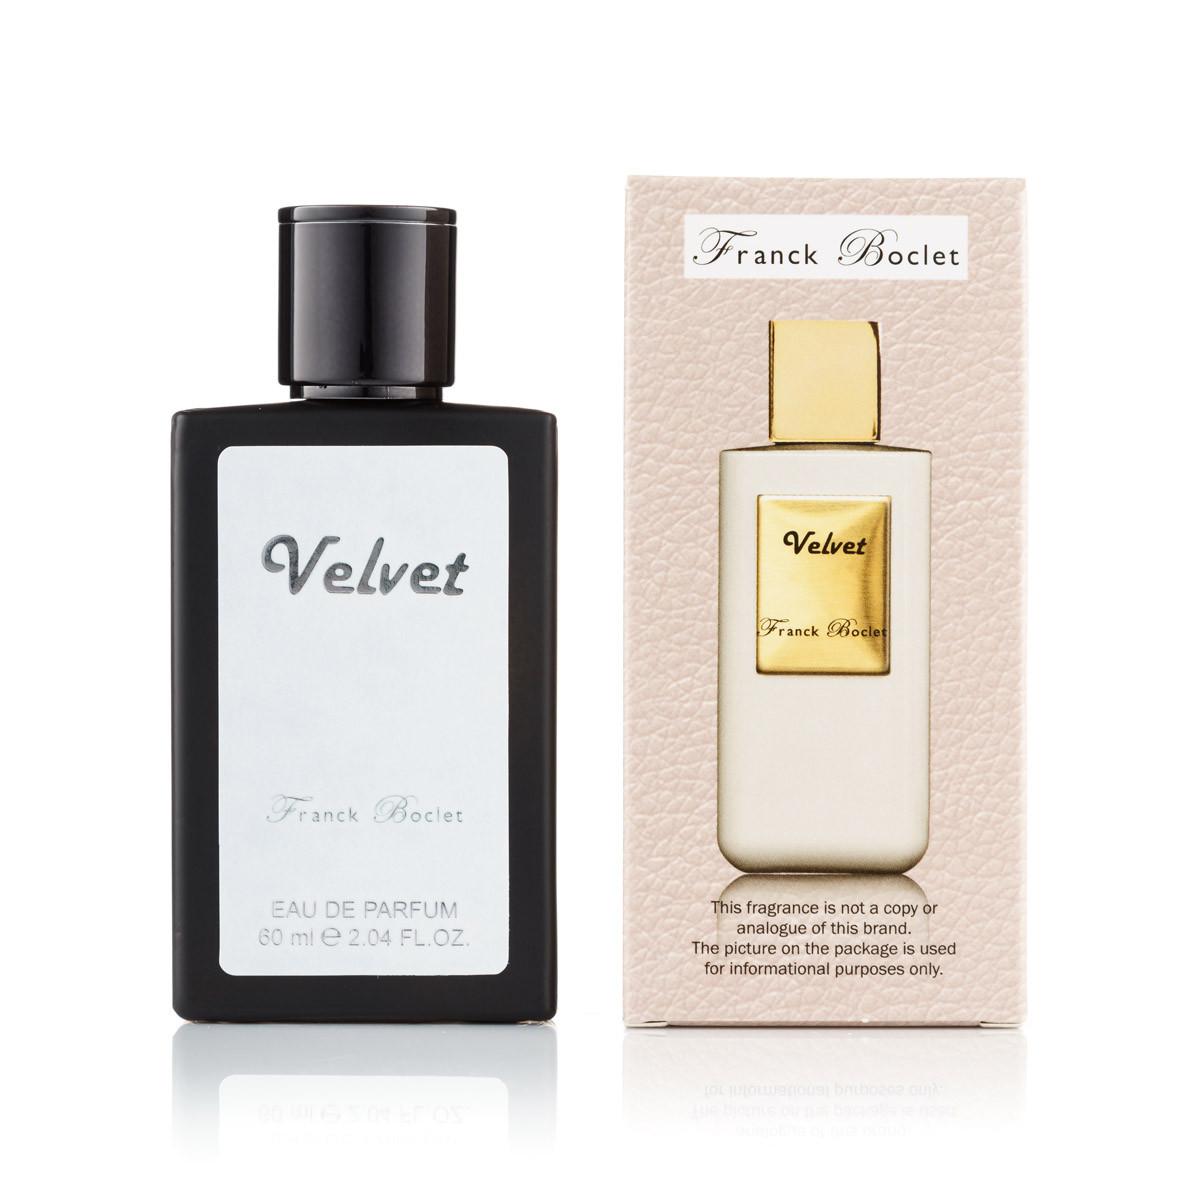 60 мл мини-парфюм Velvet Franck Boclet (унисекс)